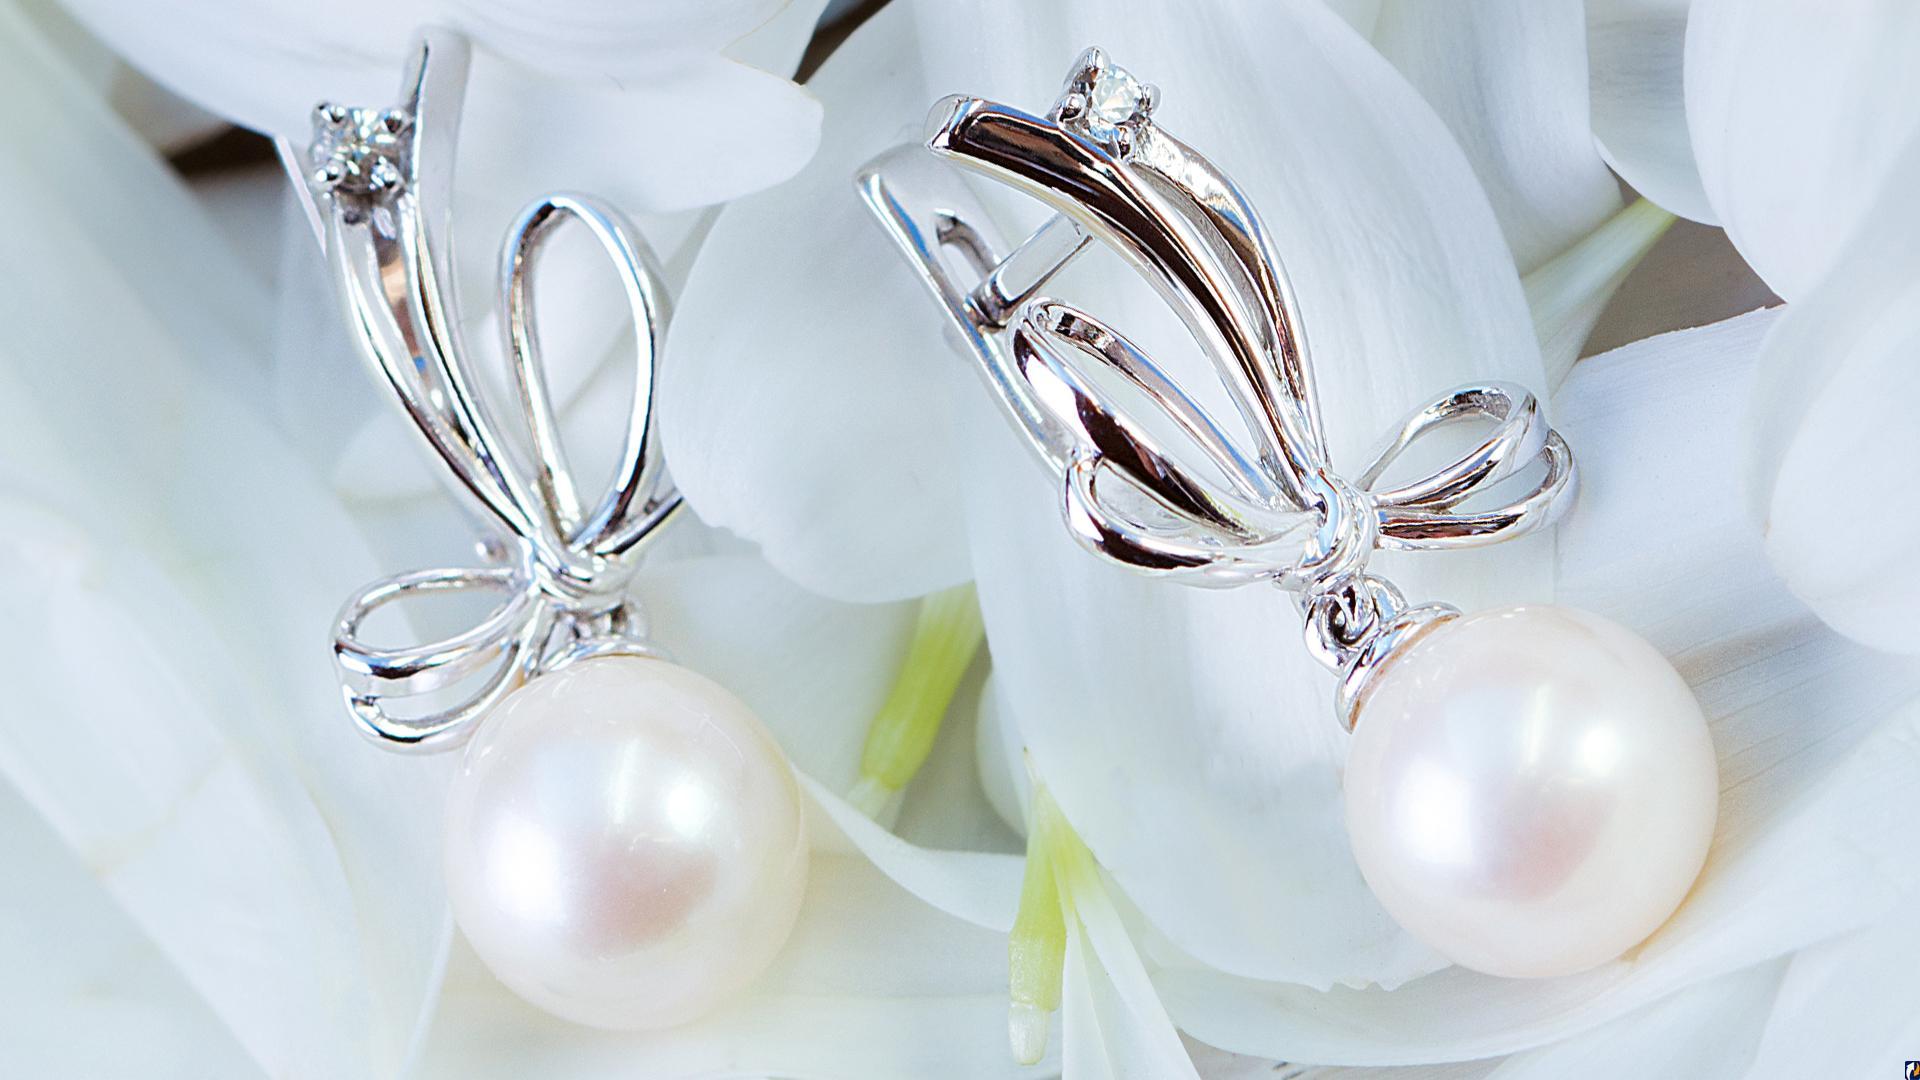 Ювелирные изделия с жемчугом Аристократичность и элегантность украшений ... 6a5b2541e26